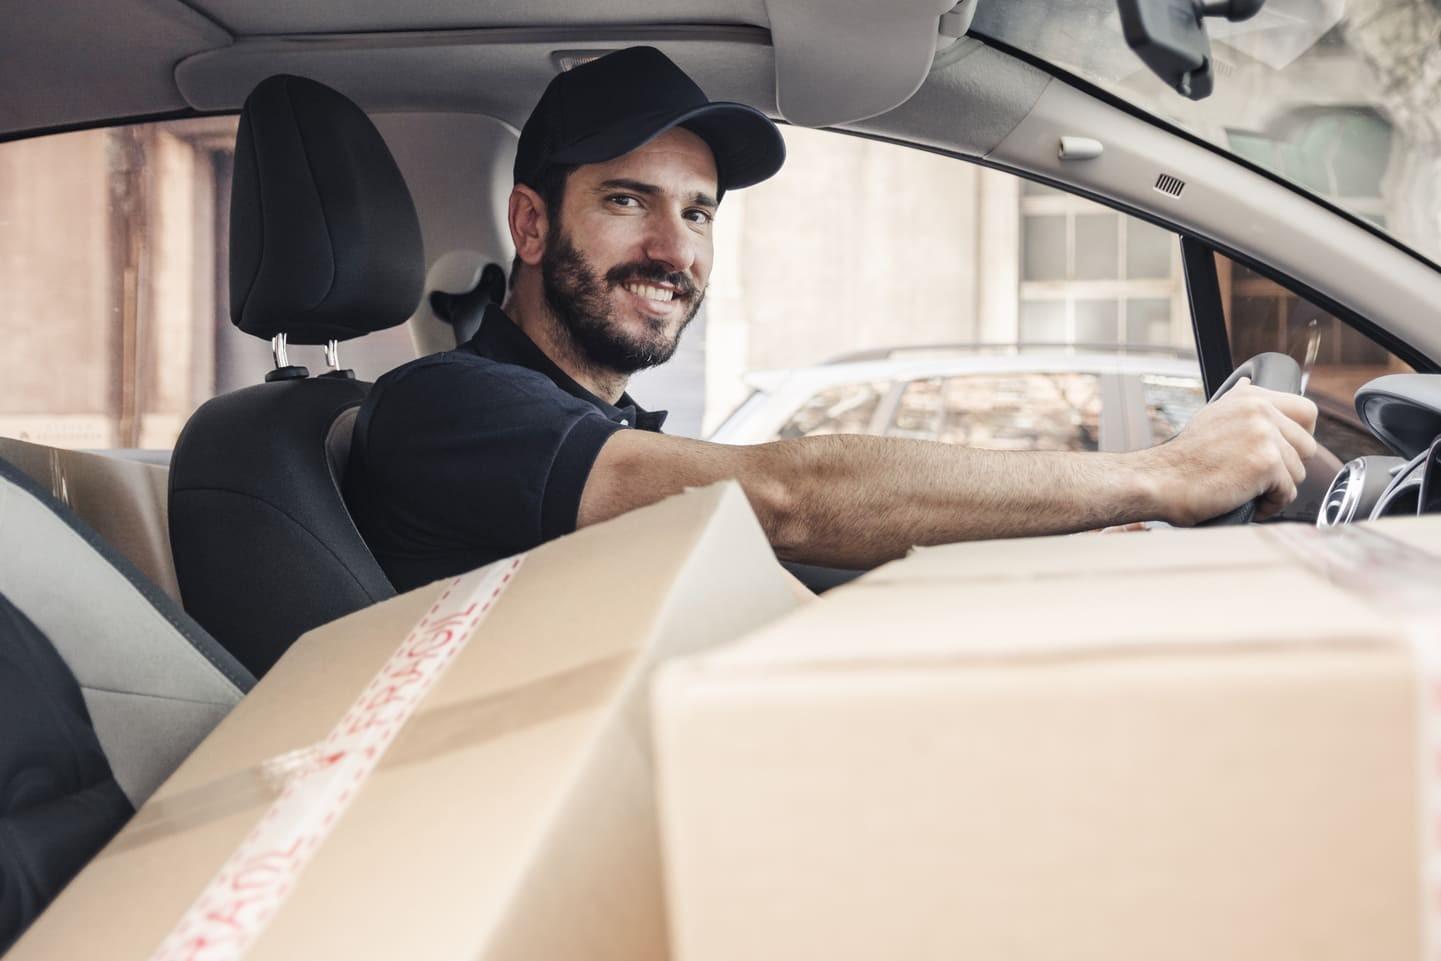 Órdenes de carga en el transporte de mercancías